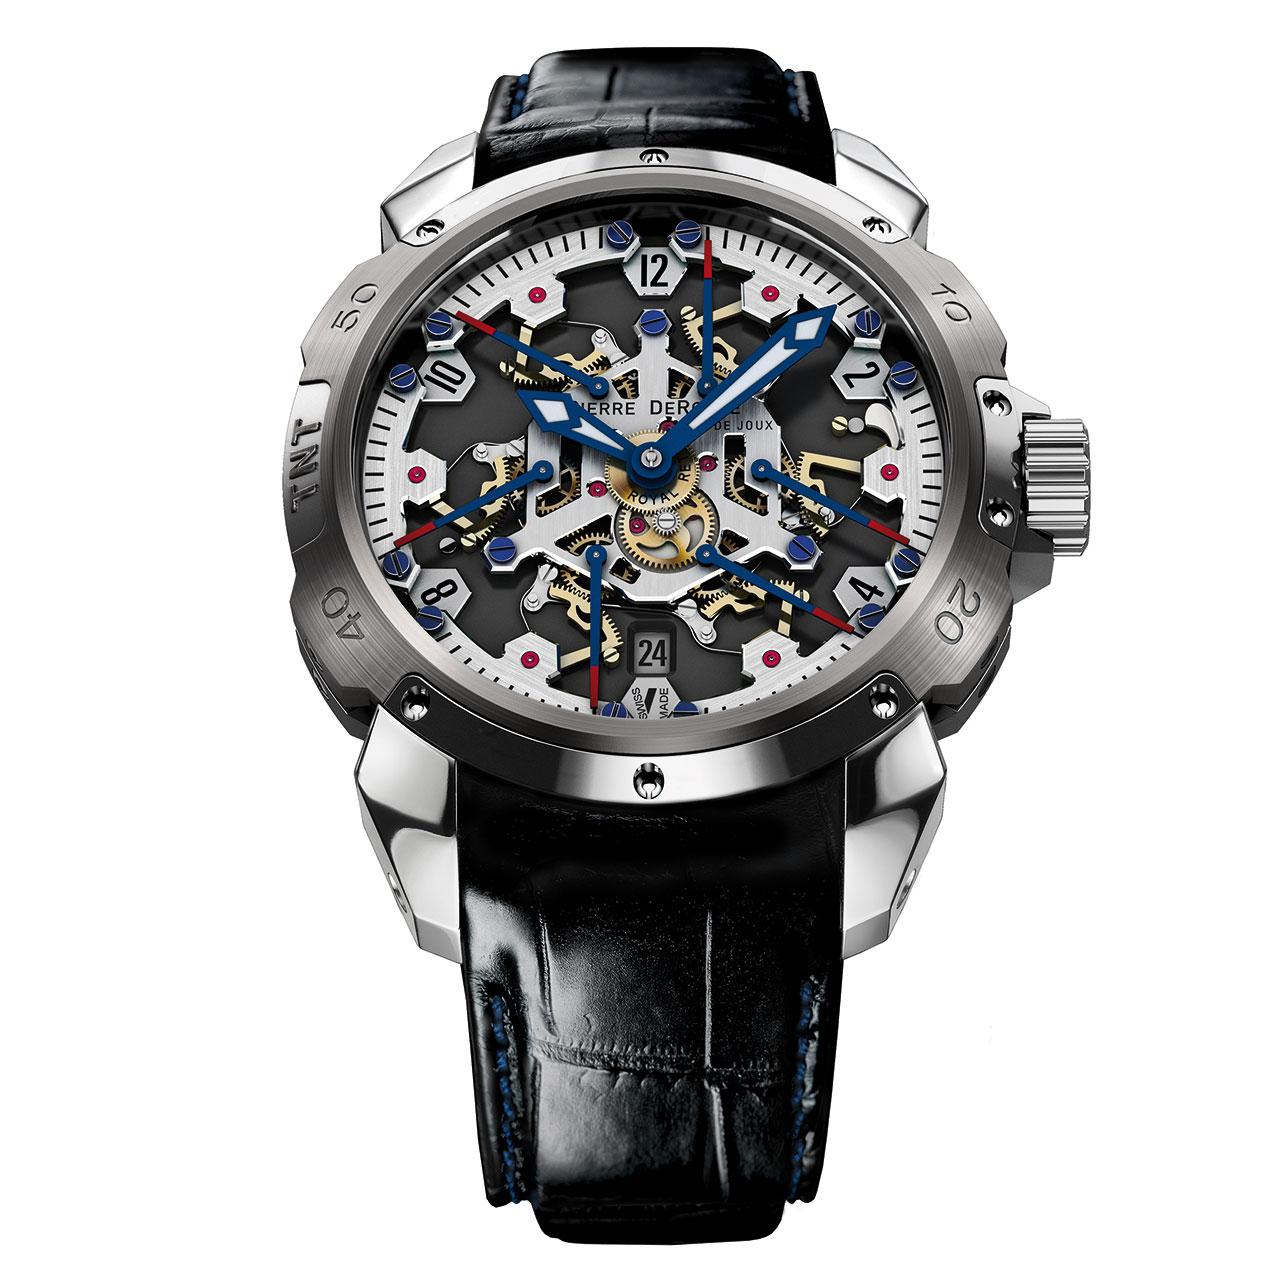 Pierre DeRoche TNT Royal Retro 43 Watch